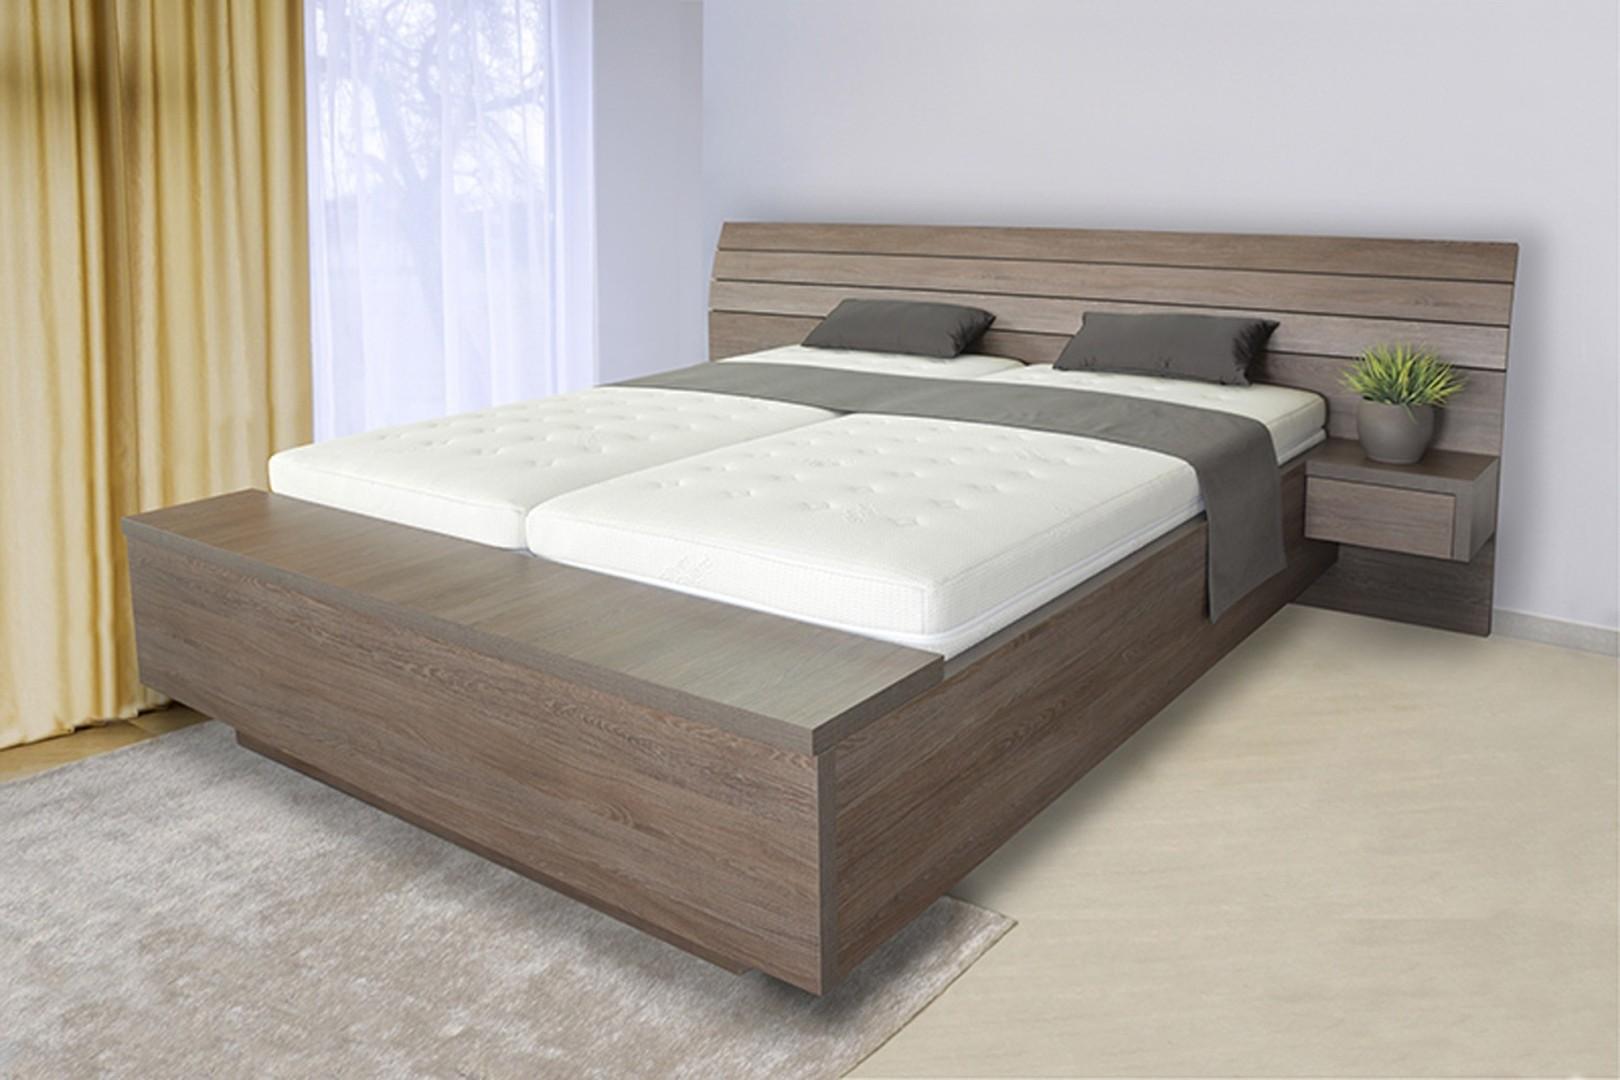 Ahorn SALINA BOX U NOHOU - dvoulůžková postel s úložným boxem 160 x 200 cm dekor akát, 38 mm lamino